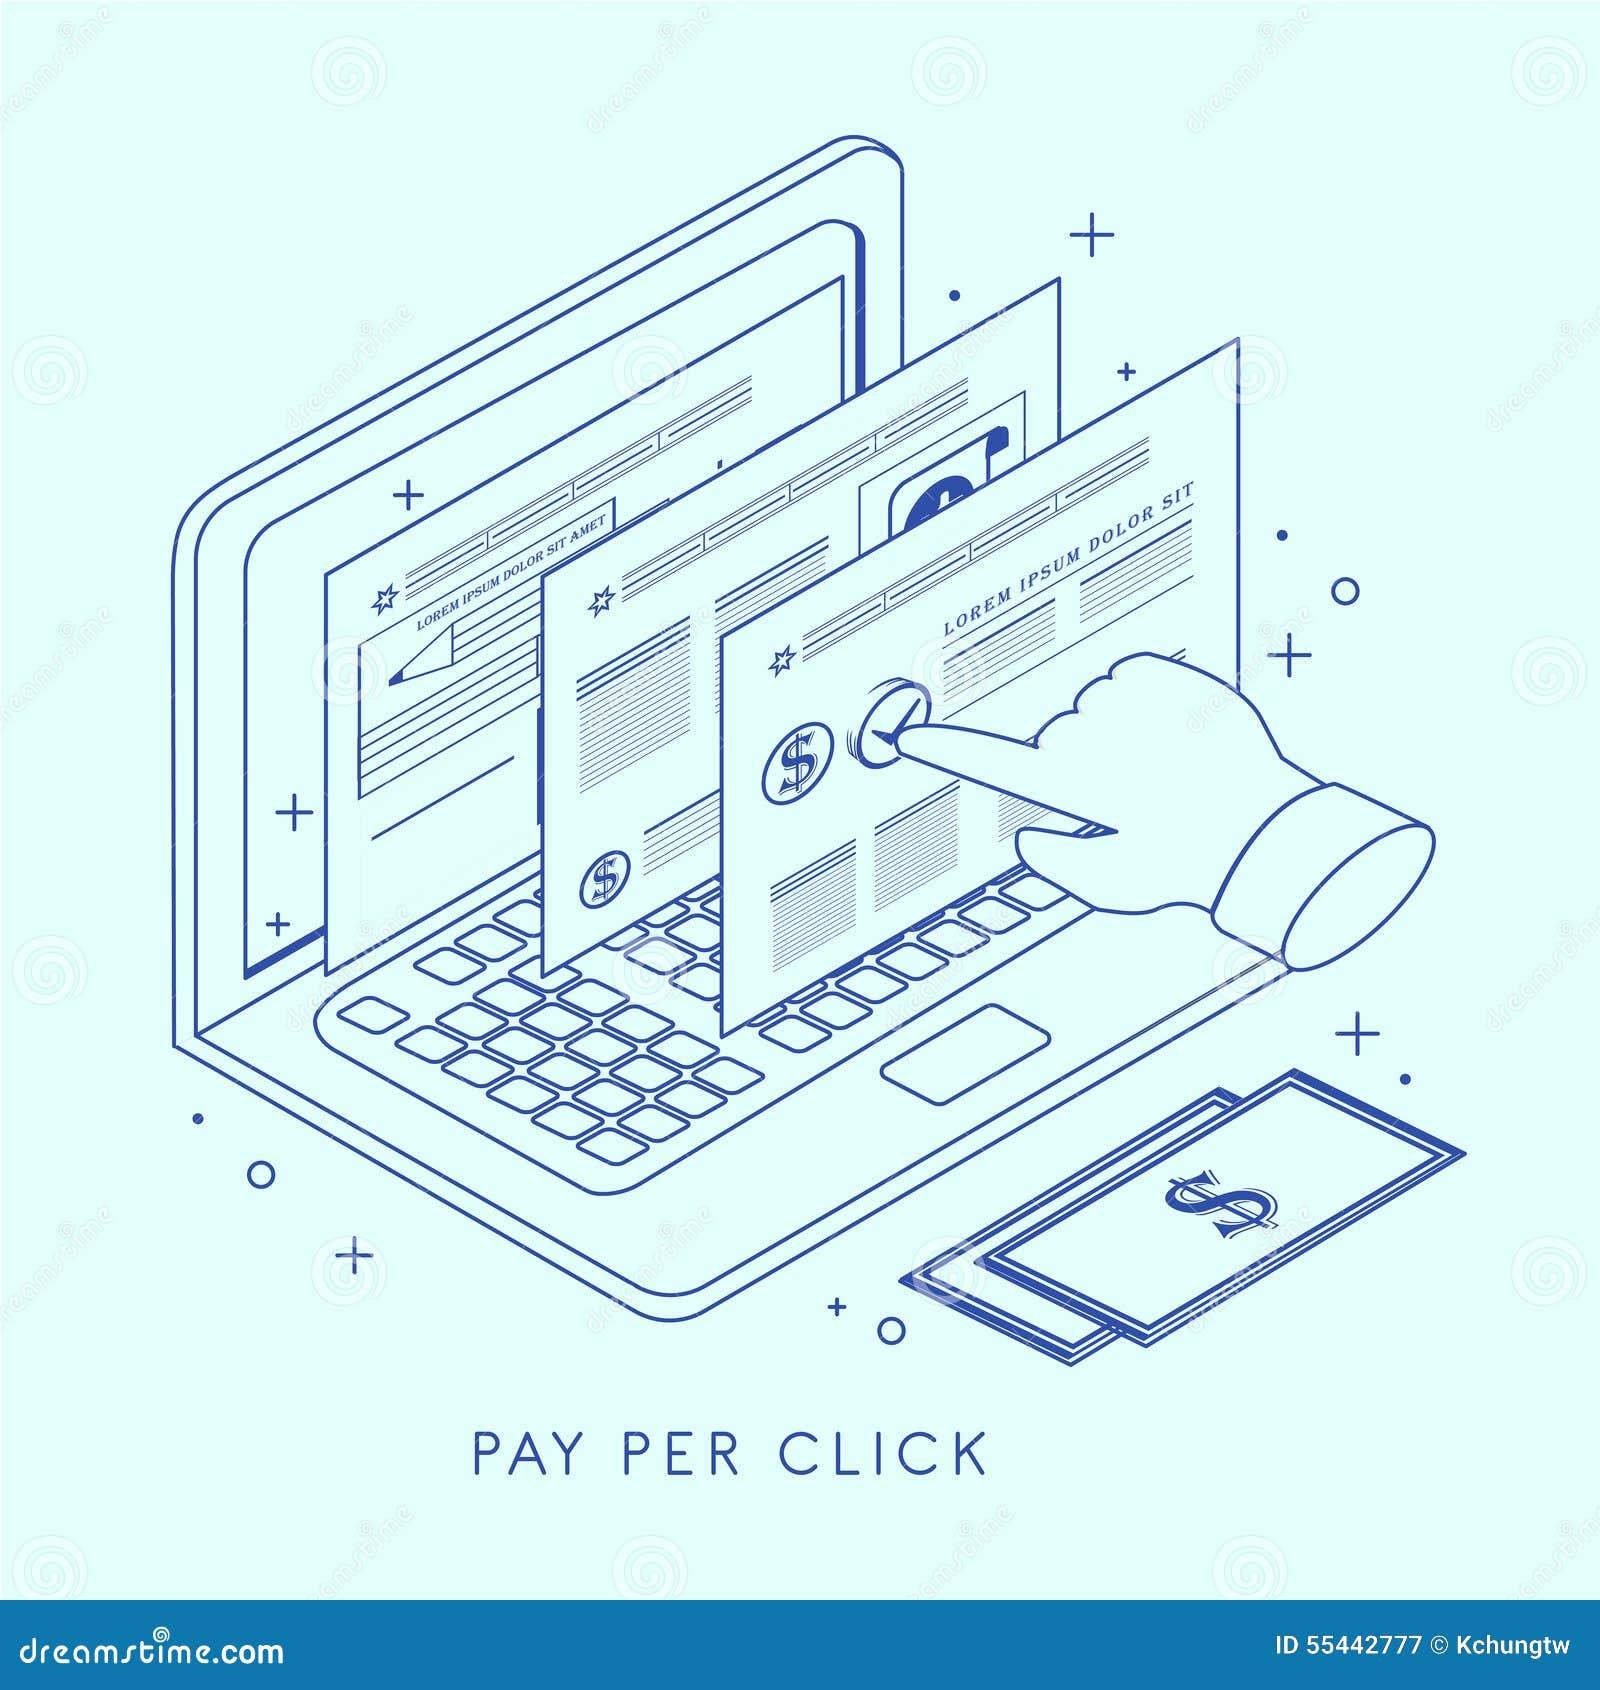 Pay per click analyzer